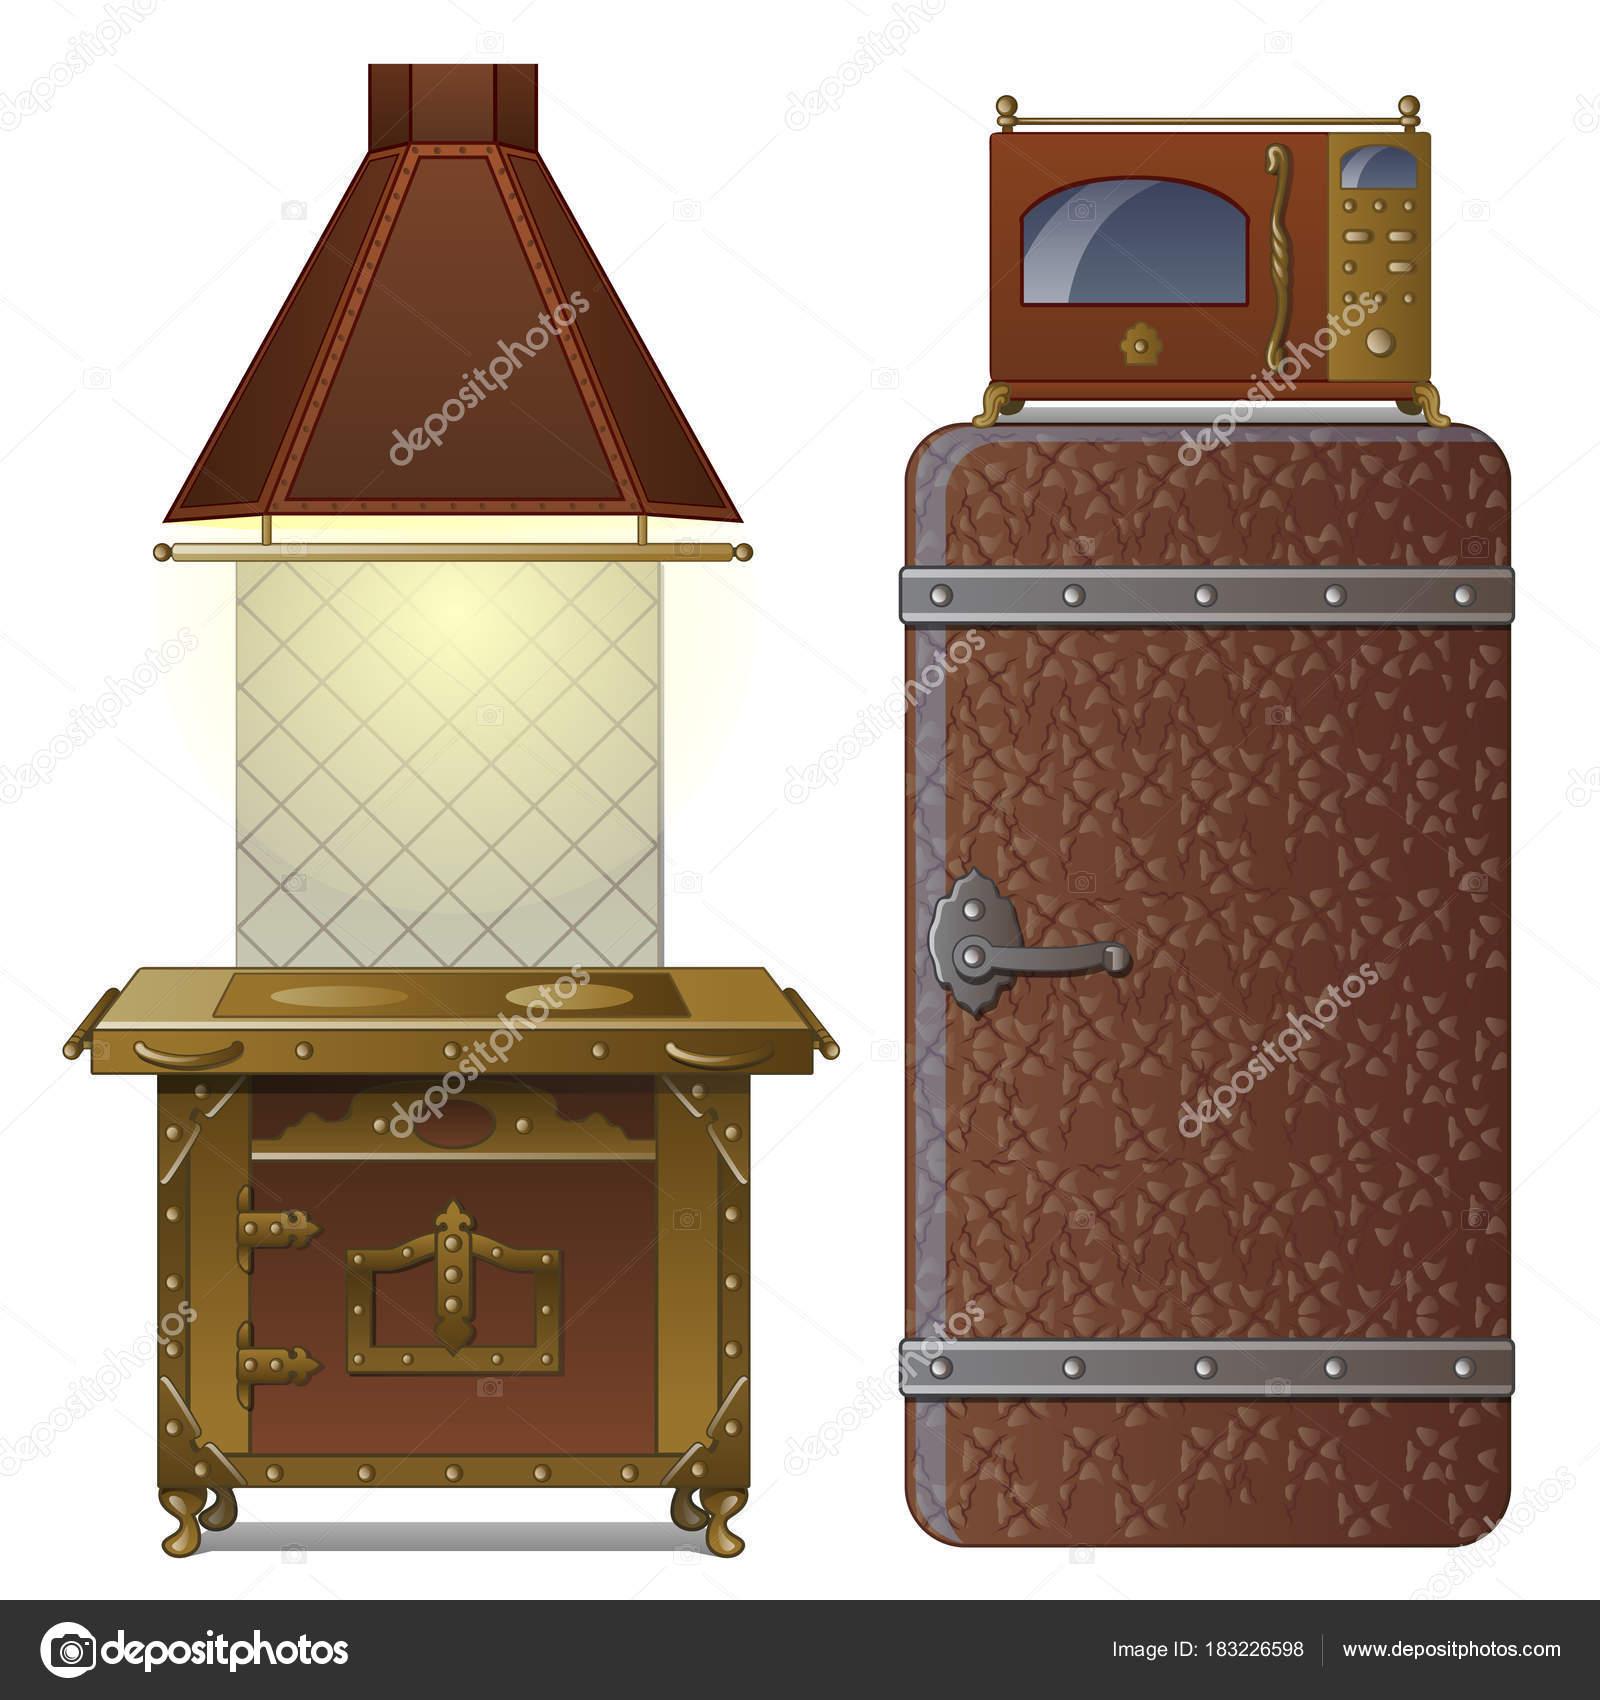 herd dunstabzug cool backofen herd with herd dunstabzug. Black Bedroom Furniture Sets. Home Design Ideas